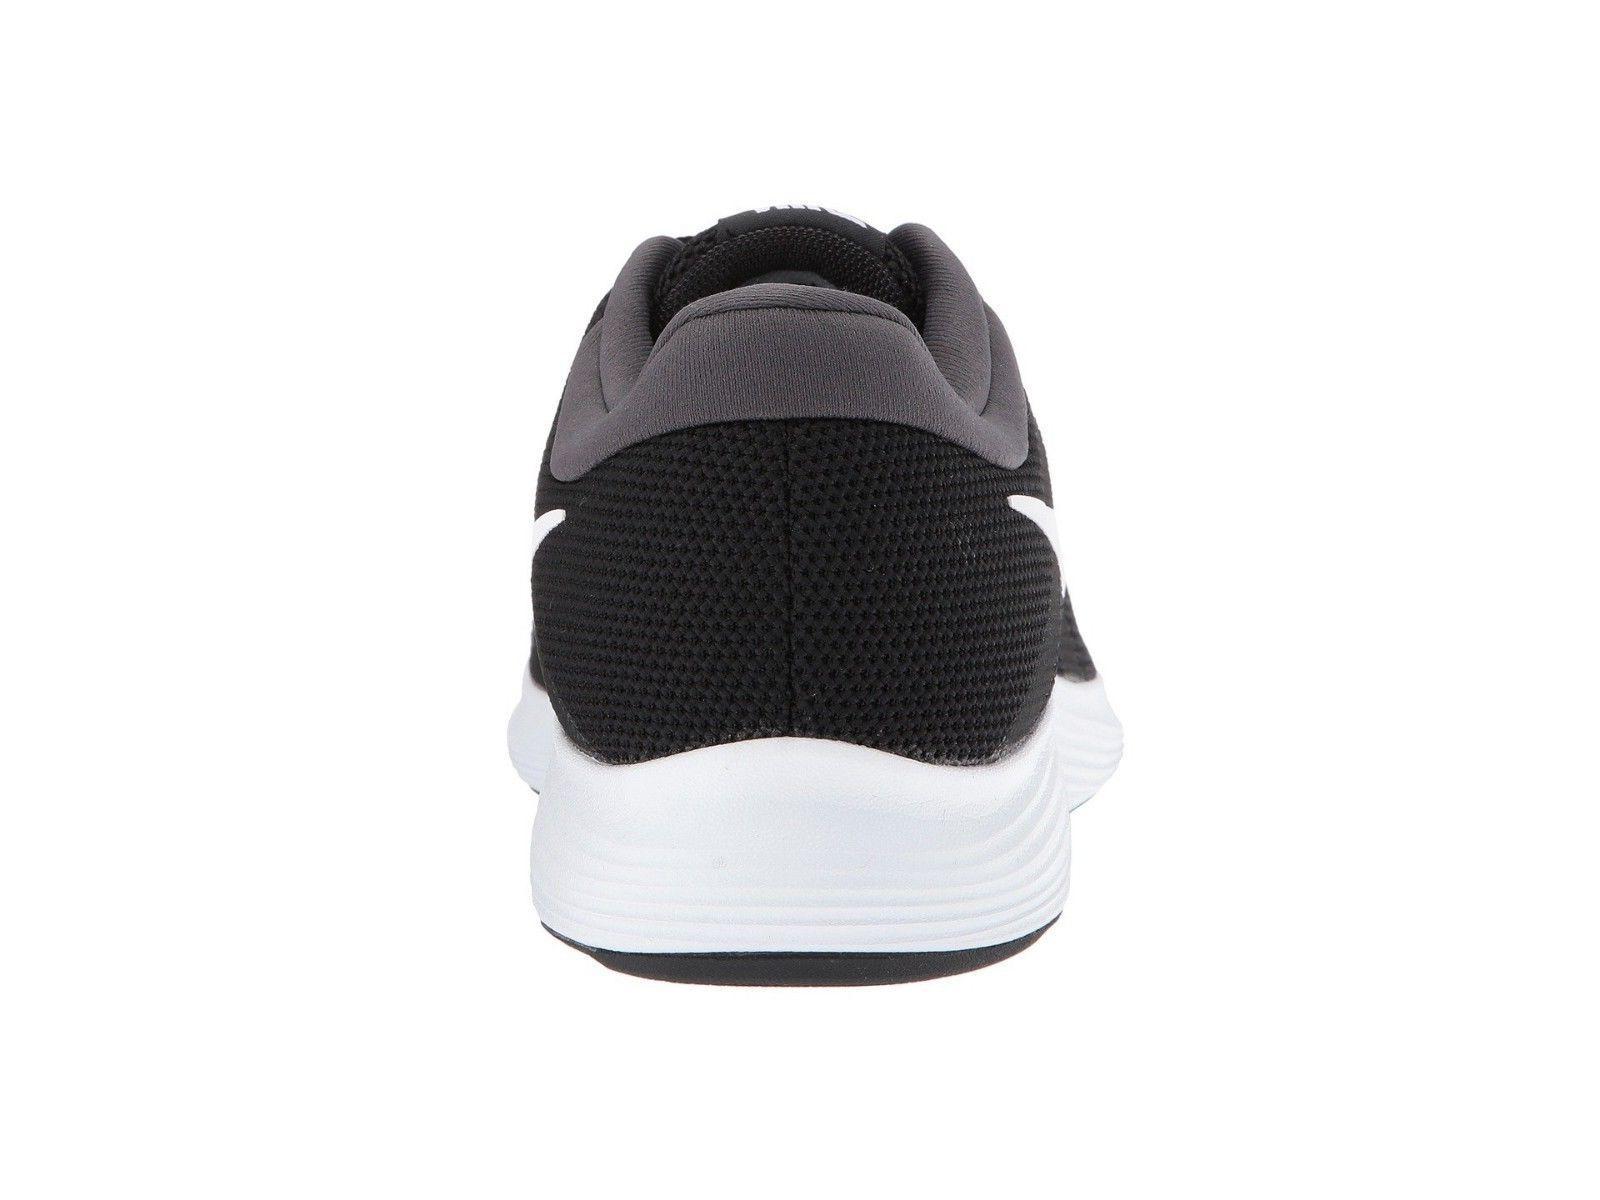 Nike Men's Revolution 4 Running Shoes 908988 Black White Anthracite